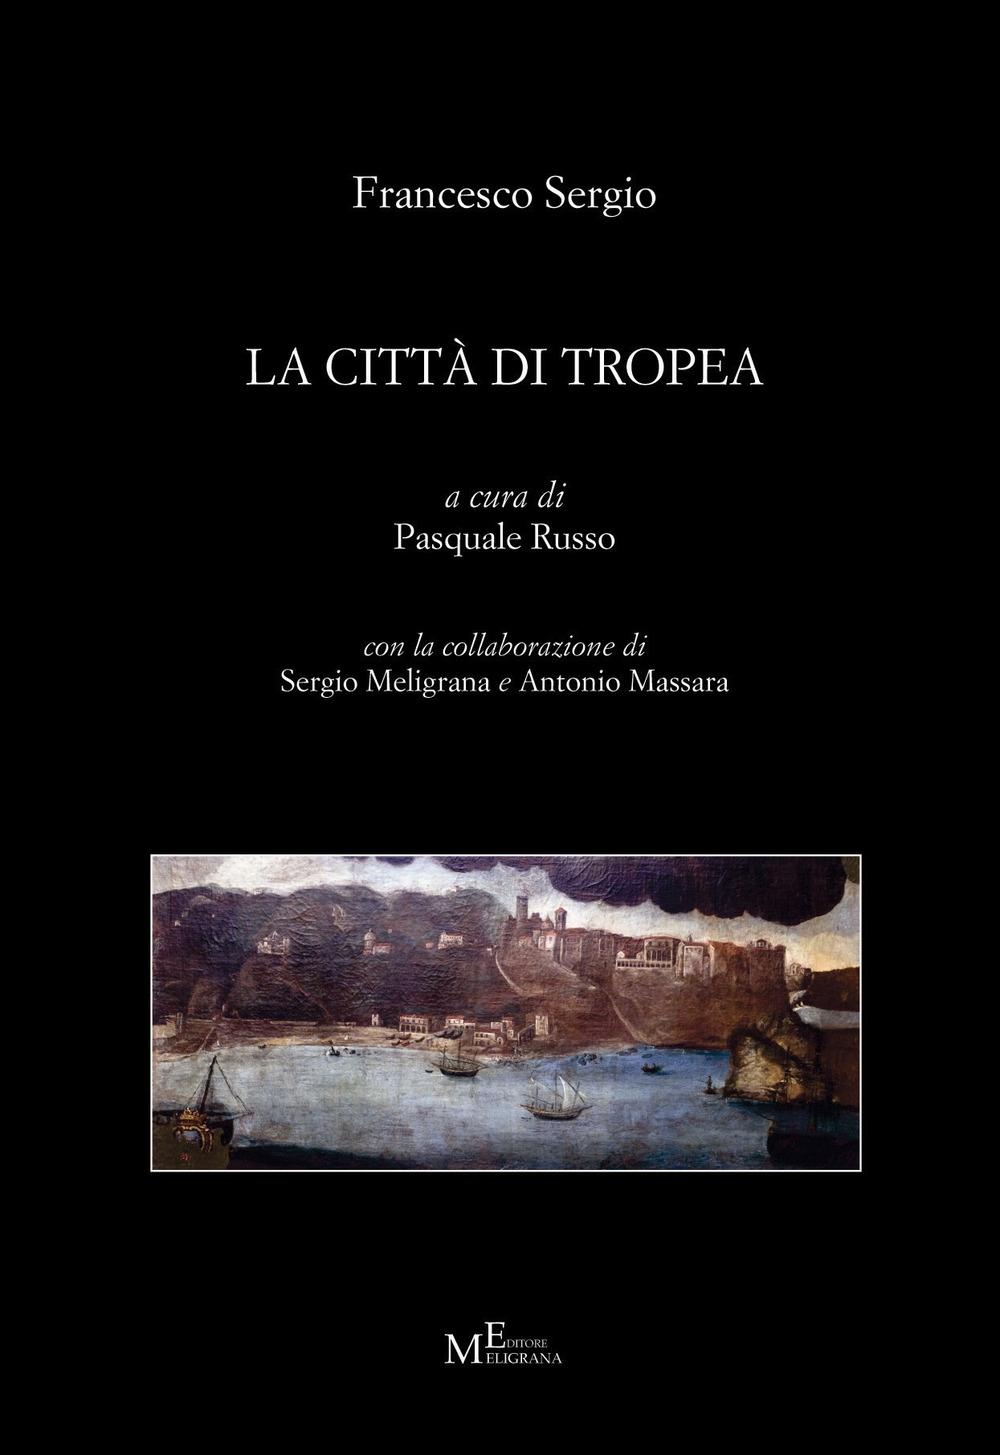 La città di Tropea